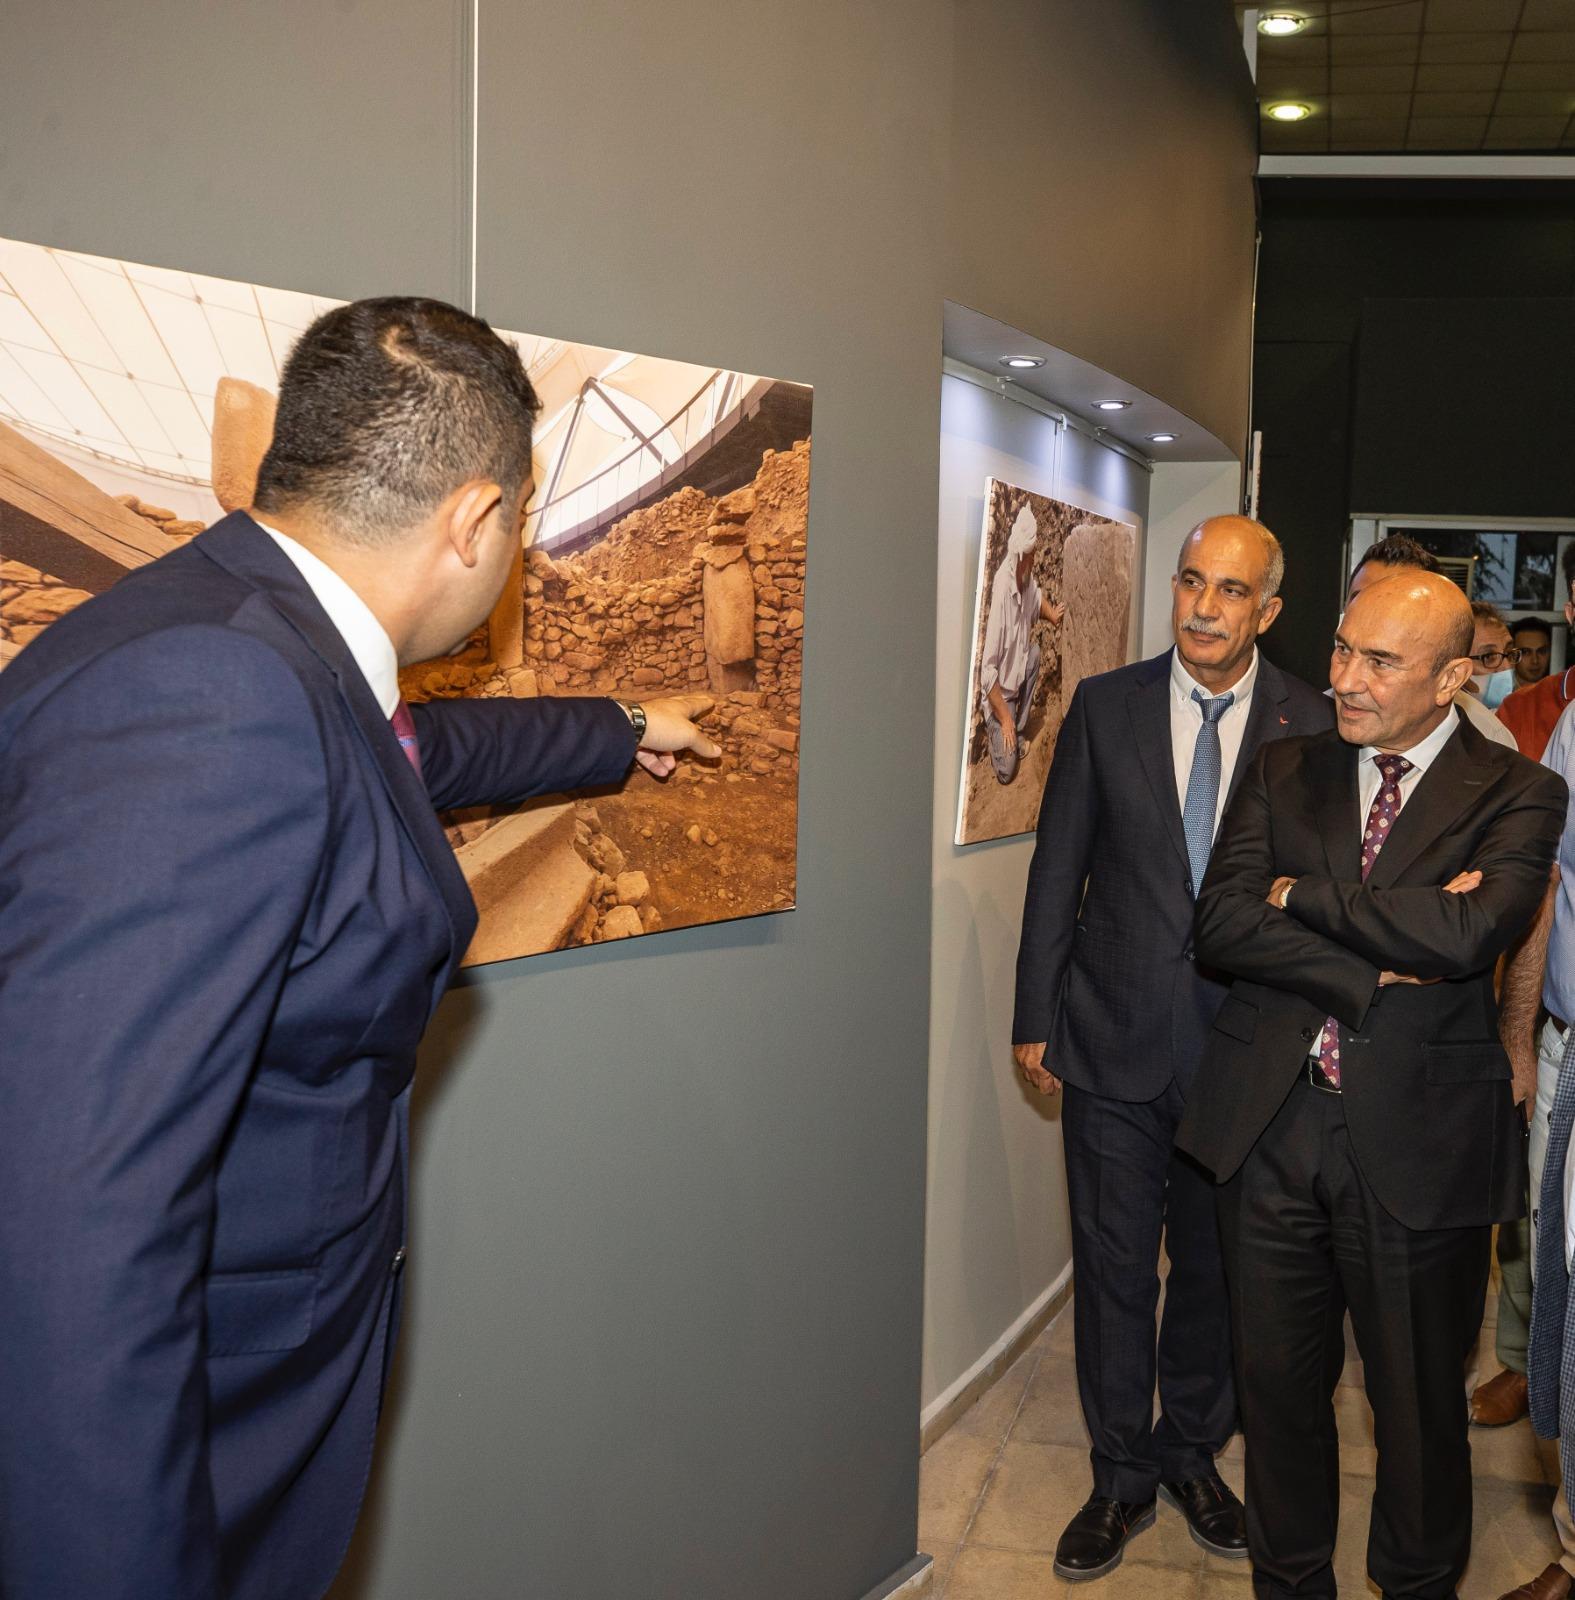 Başkan Soyer Göbeklitepe Fotoğraf Sergisi'nde